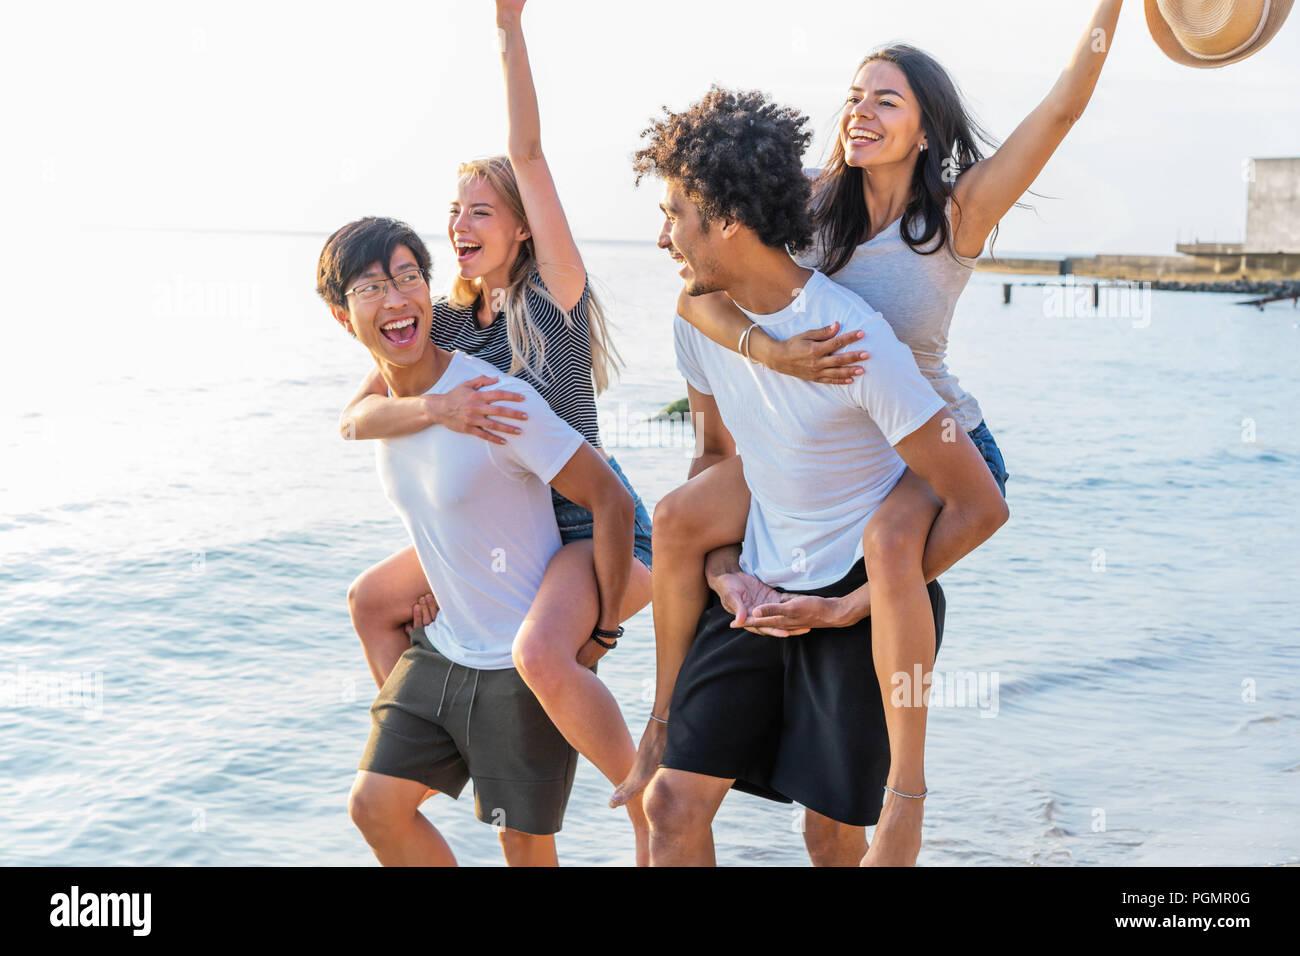 Gruppo di amici a piedi lungo la spiaggia, con gli uomini dando piggyback ride di amiche. Felice giovani amici godendo una giornata in spiaggia Immagini Stock